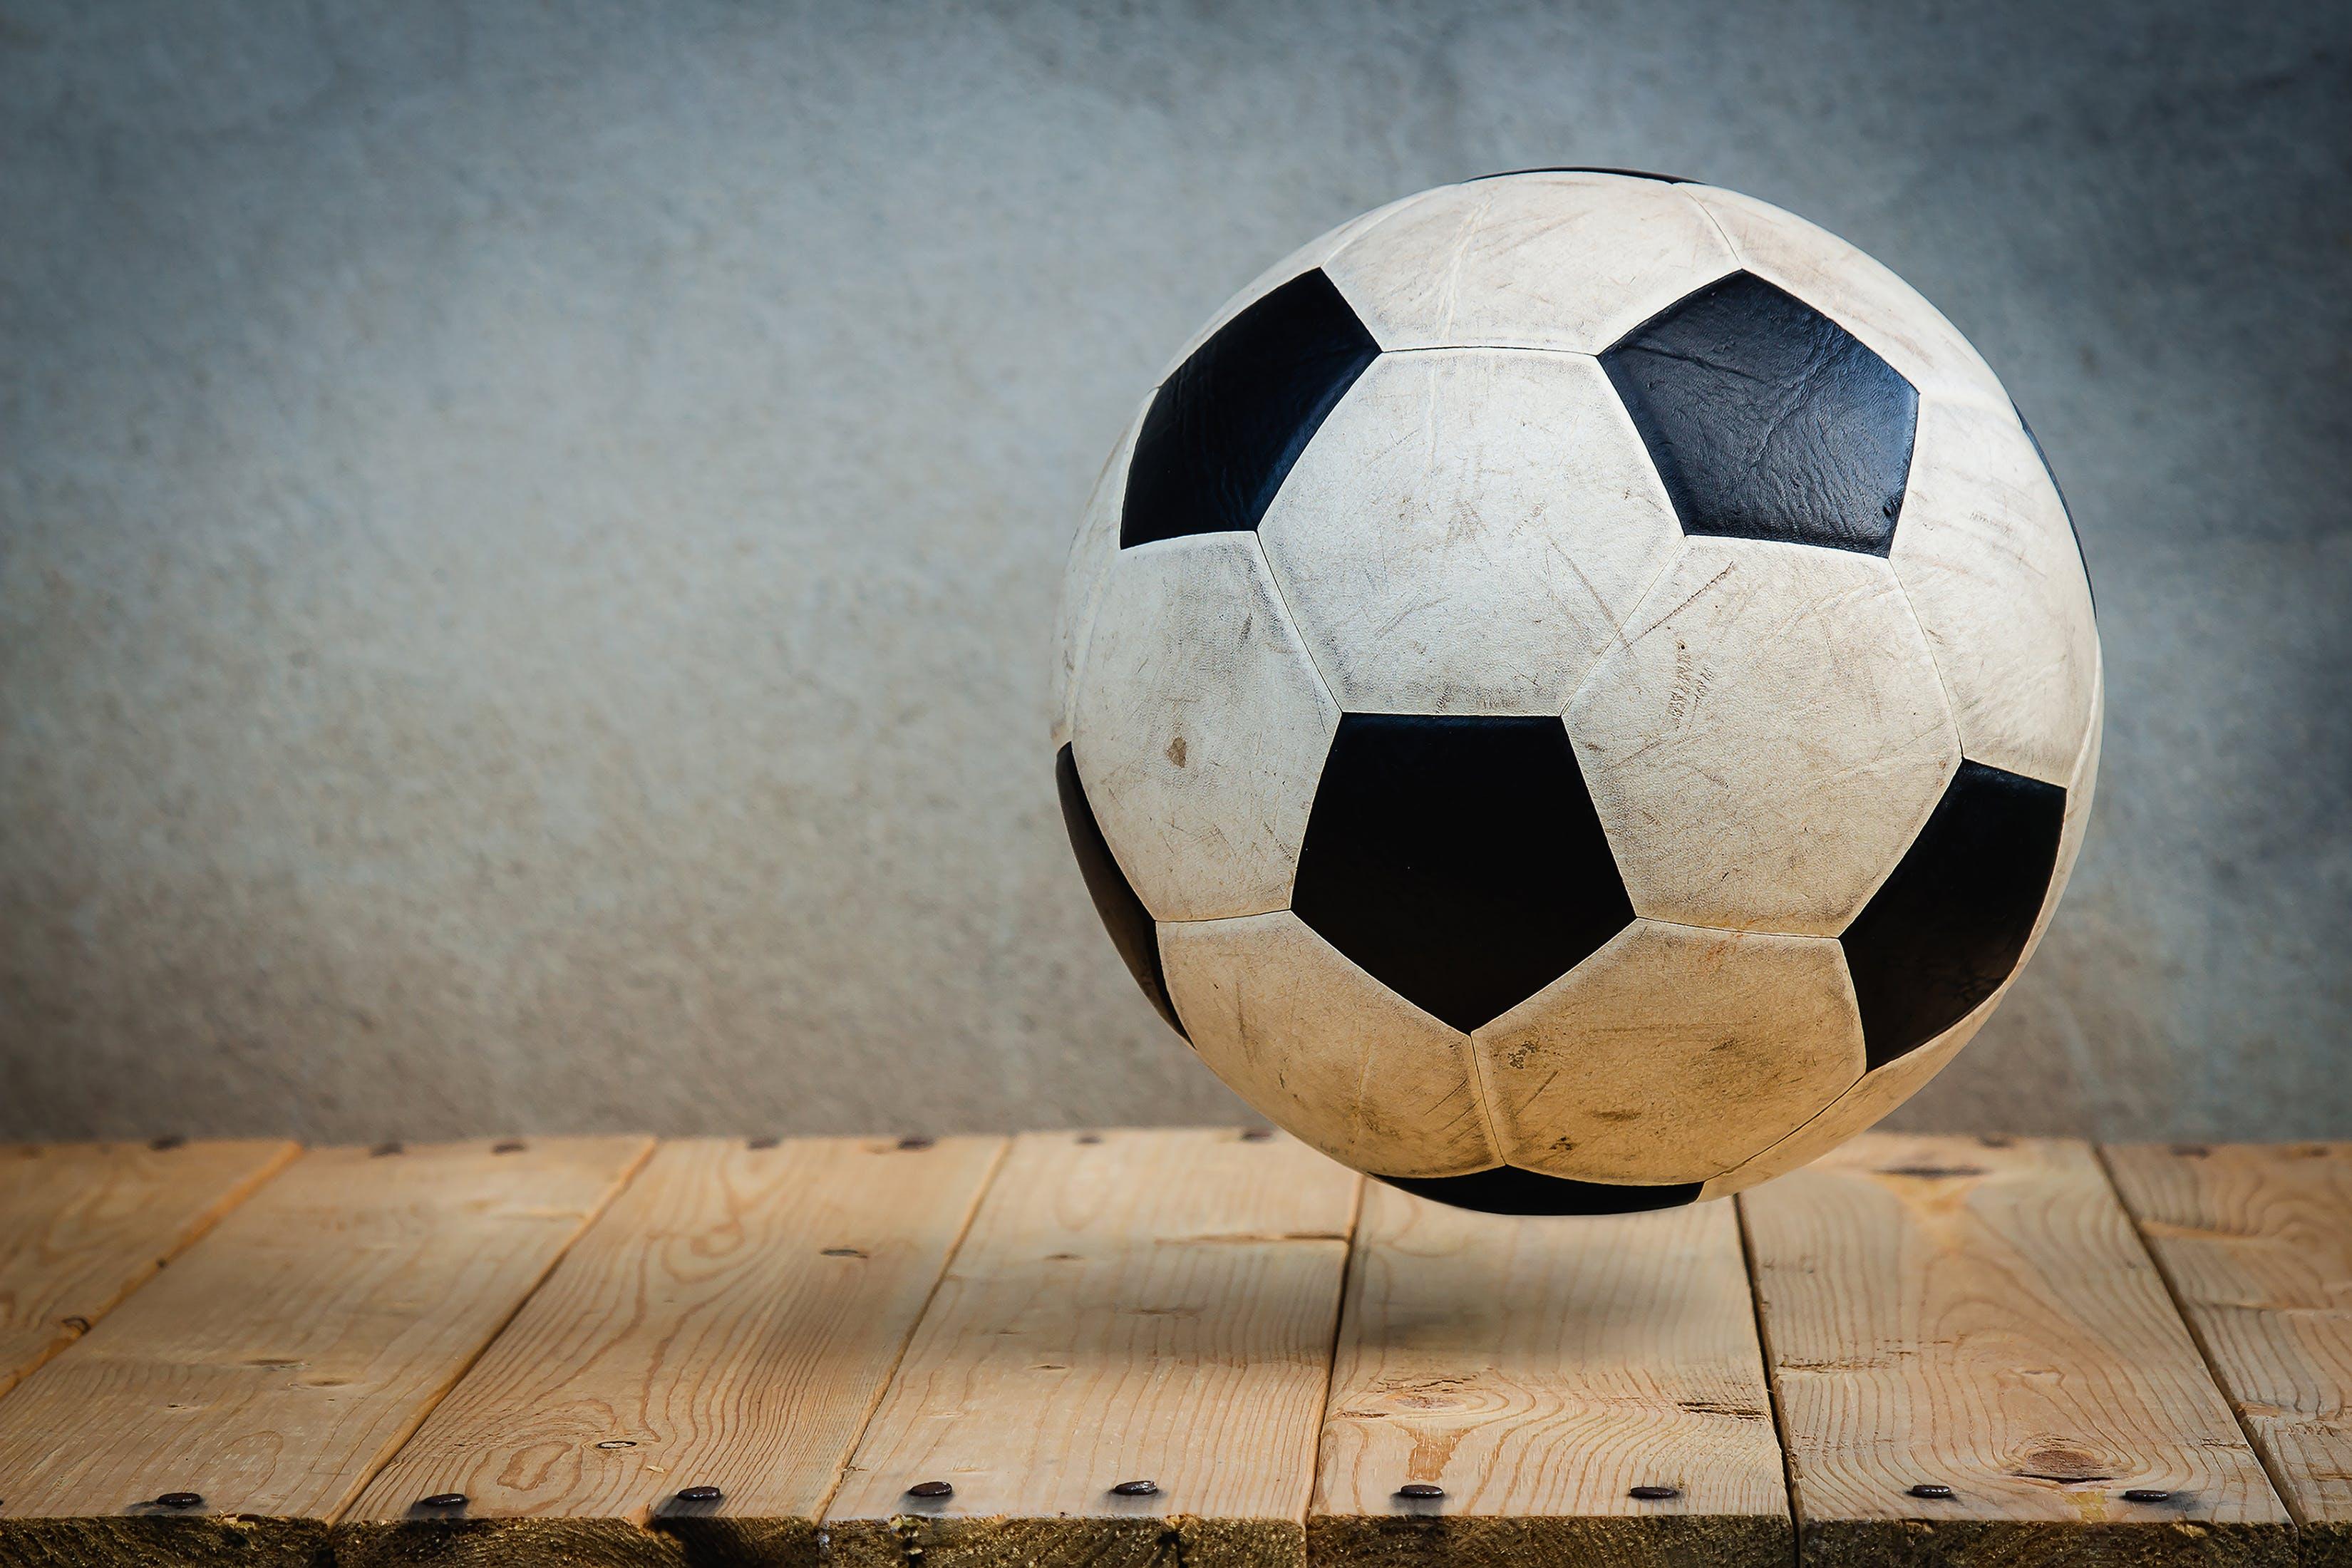 Kostenloses Stock Foto zu holz, tisch, rustikal, stadion